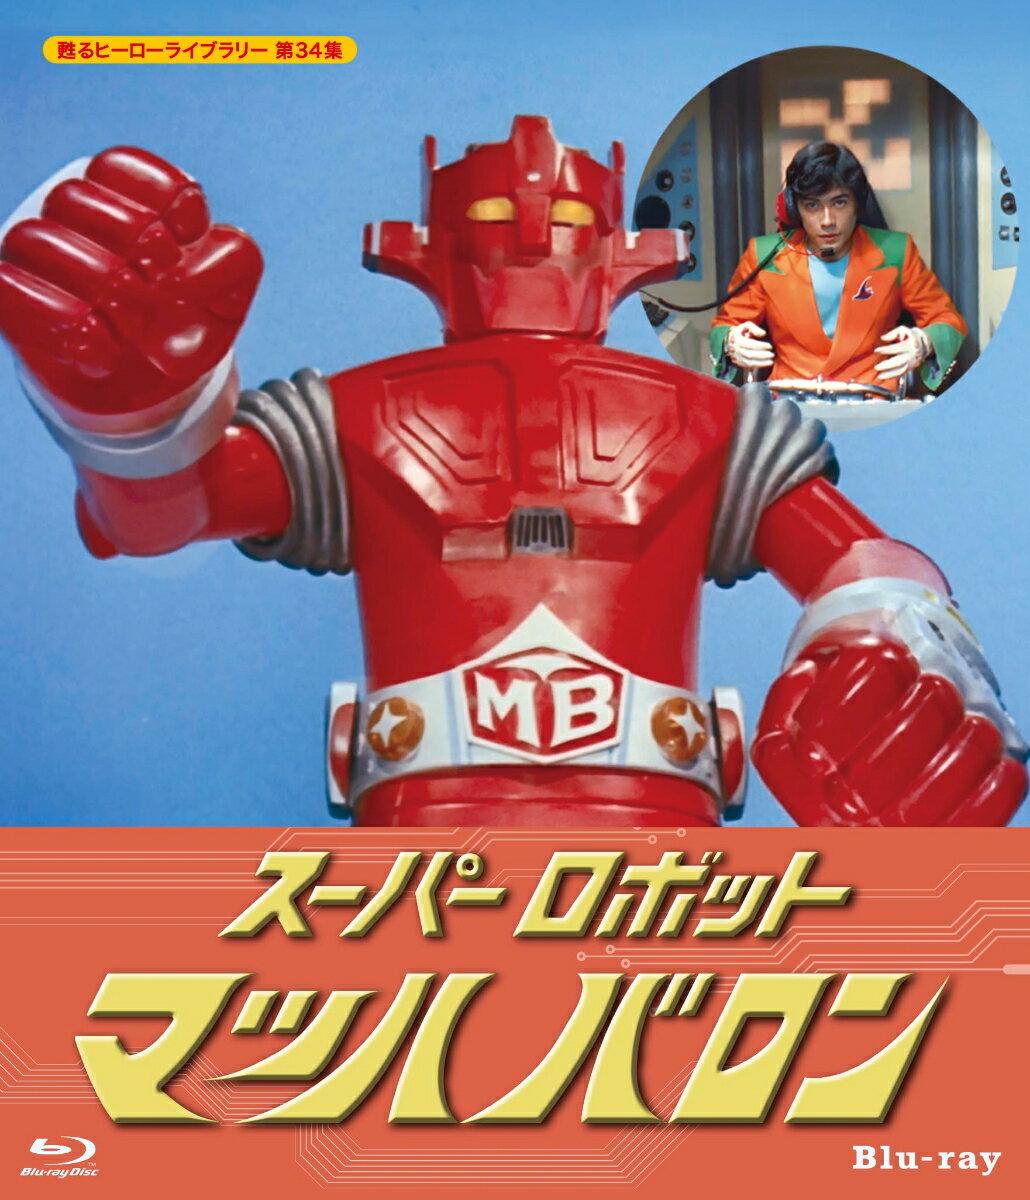 スーパーロボット マッハバロン【甦るヒーローライブラリー 第34集】【Blu-ray】画像